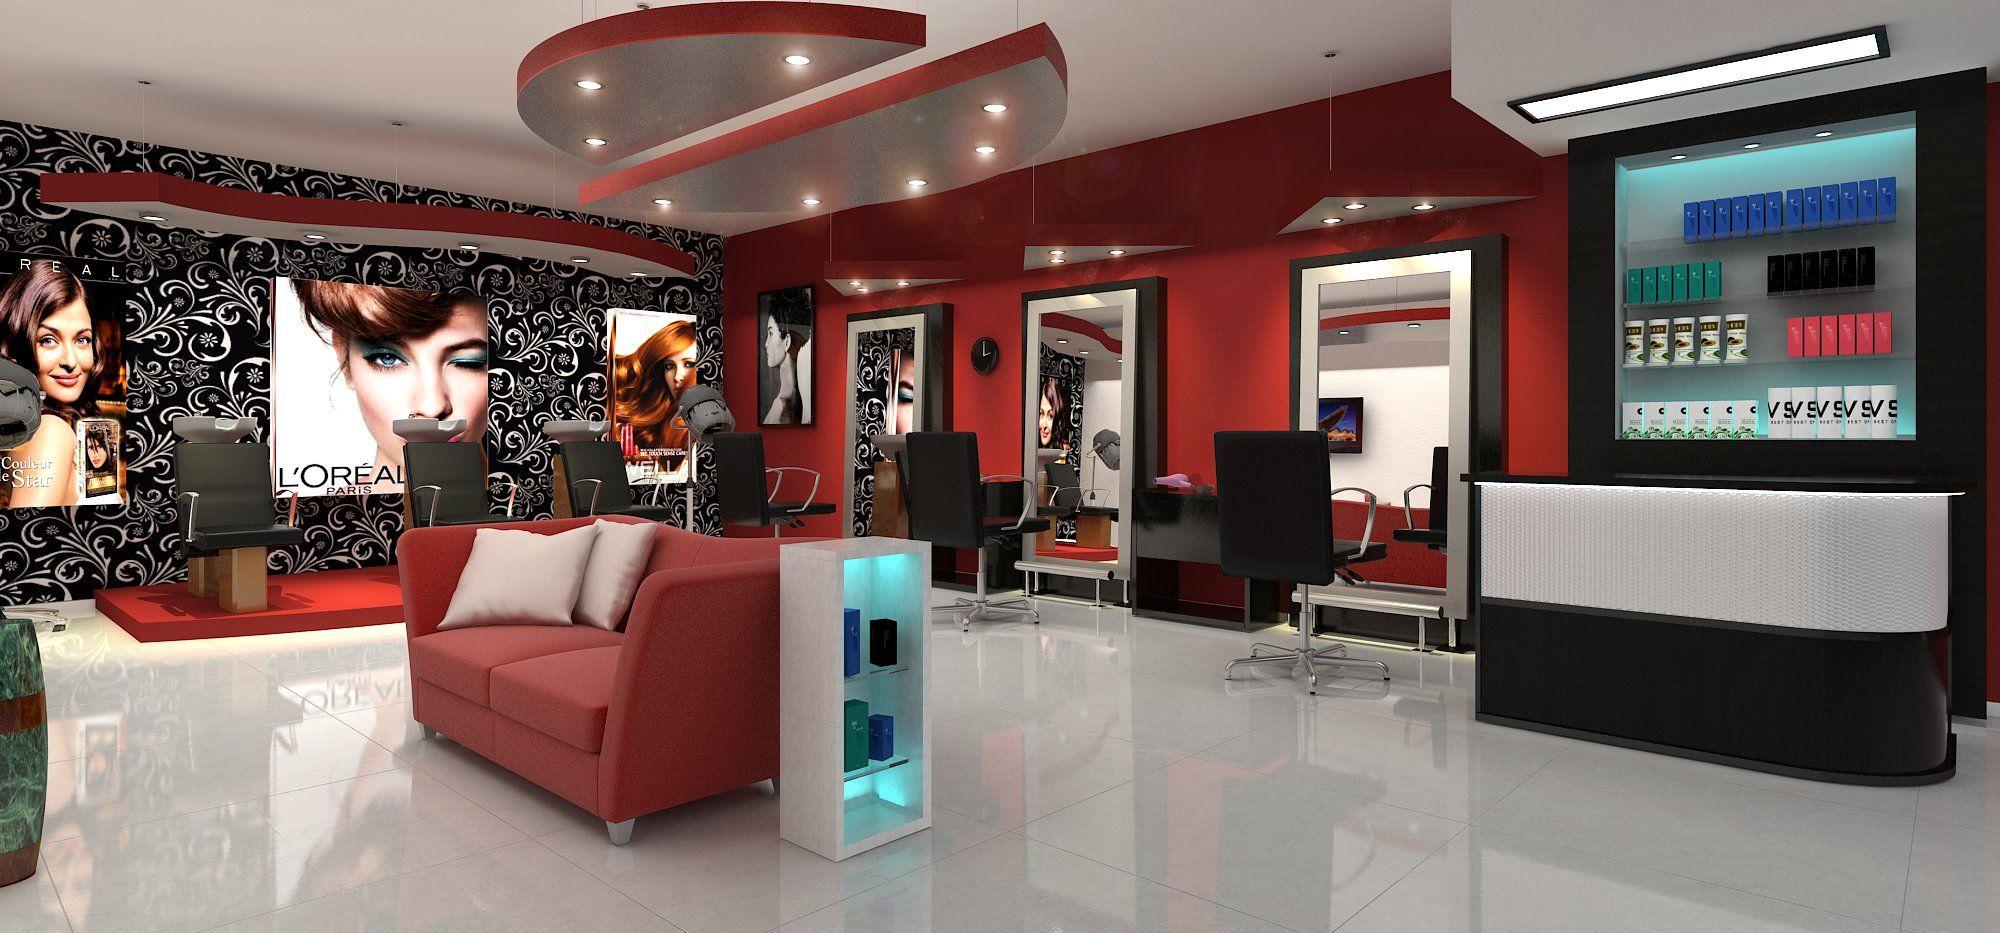 Peluquerias de dise o espacios peluquer as pinterest salons salon design y barber Diseno de peluquerias